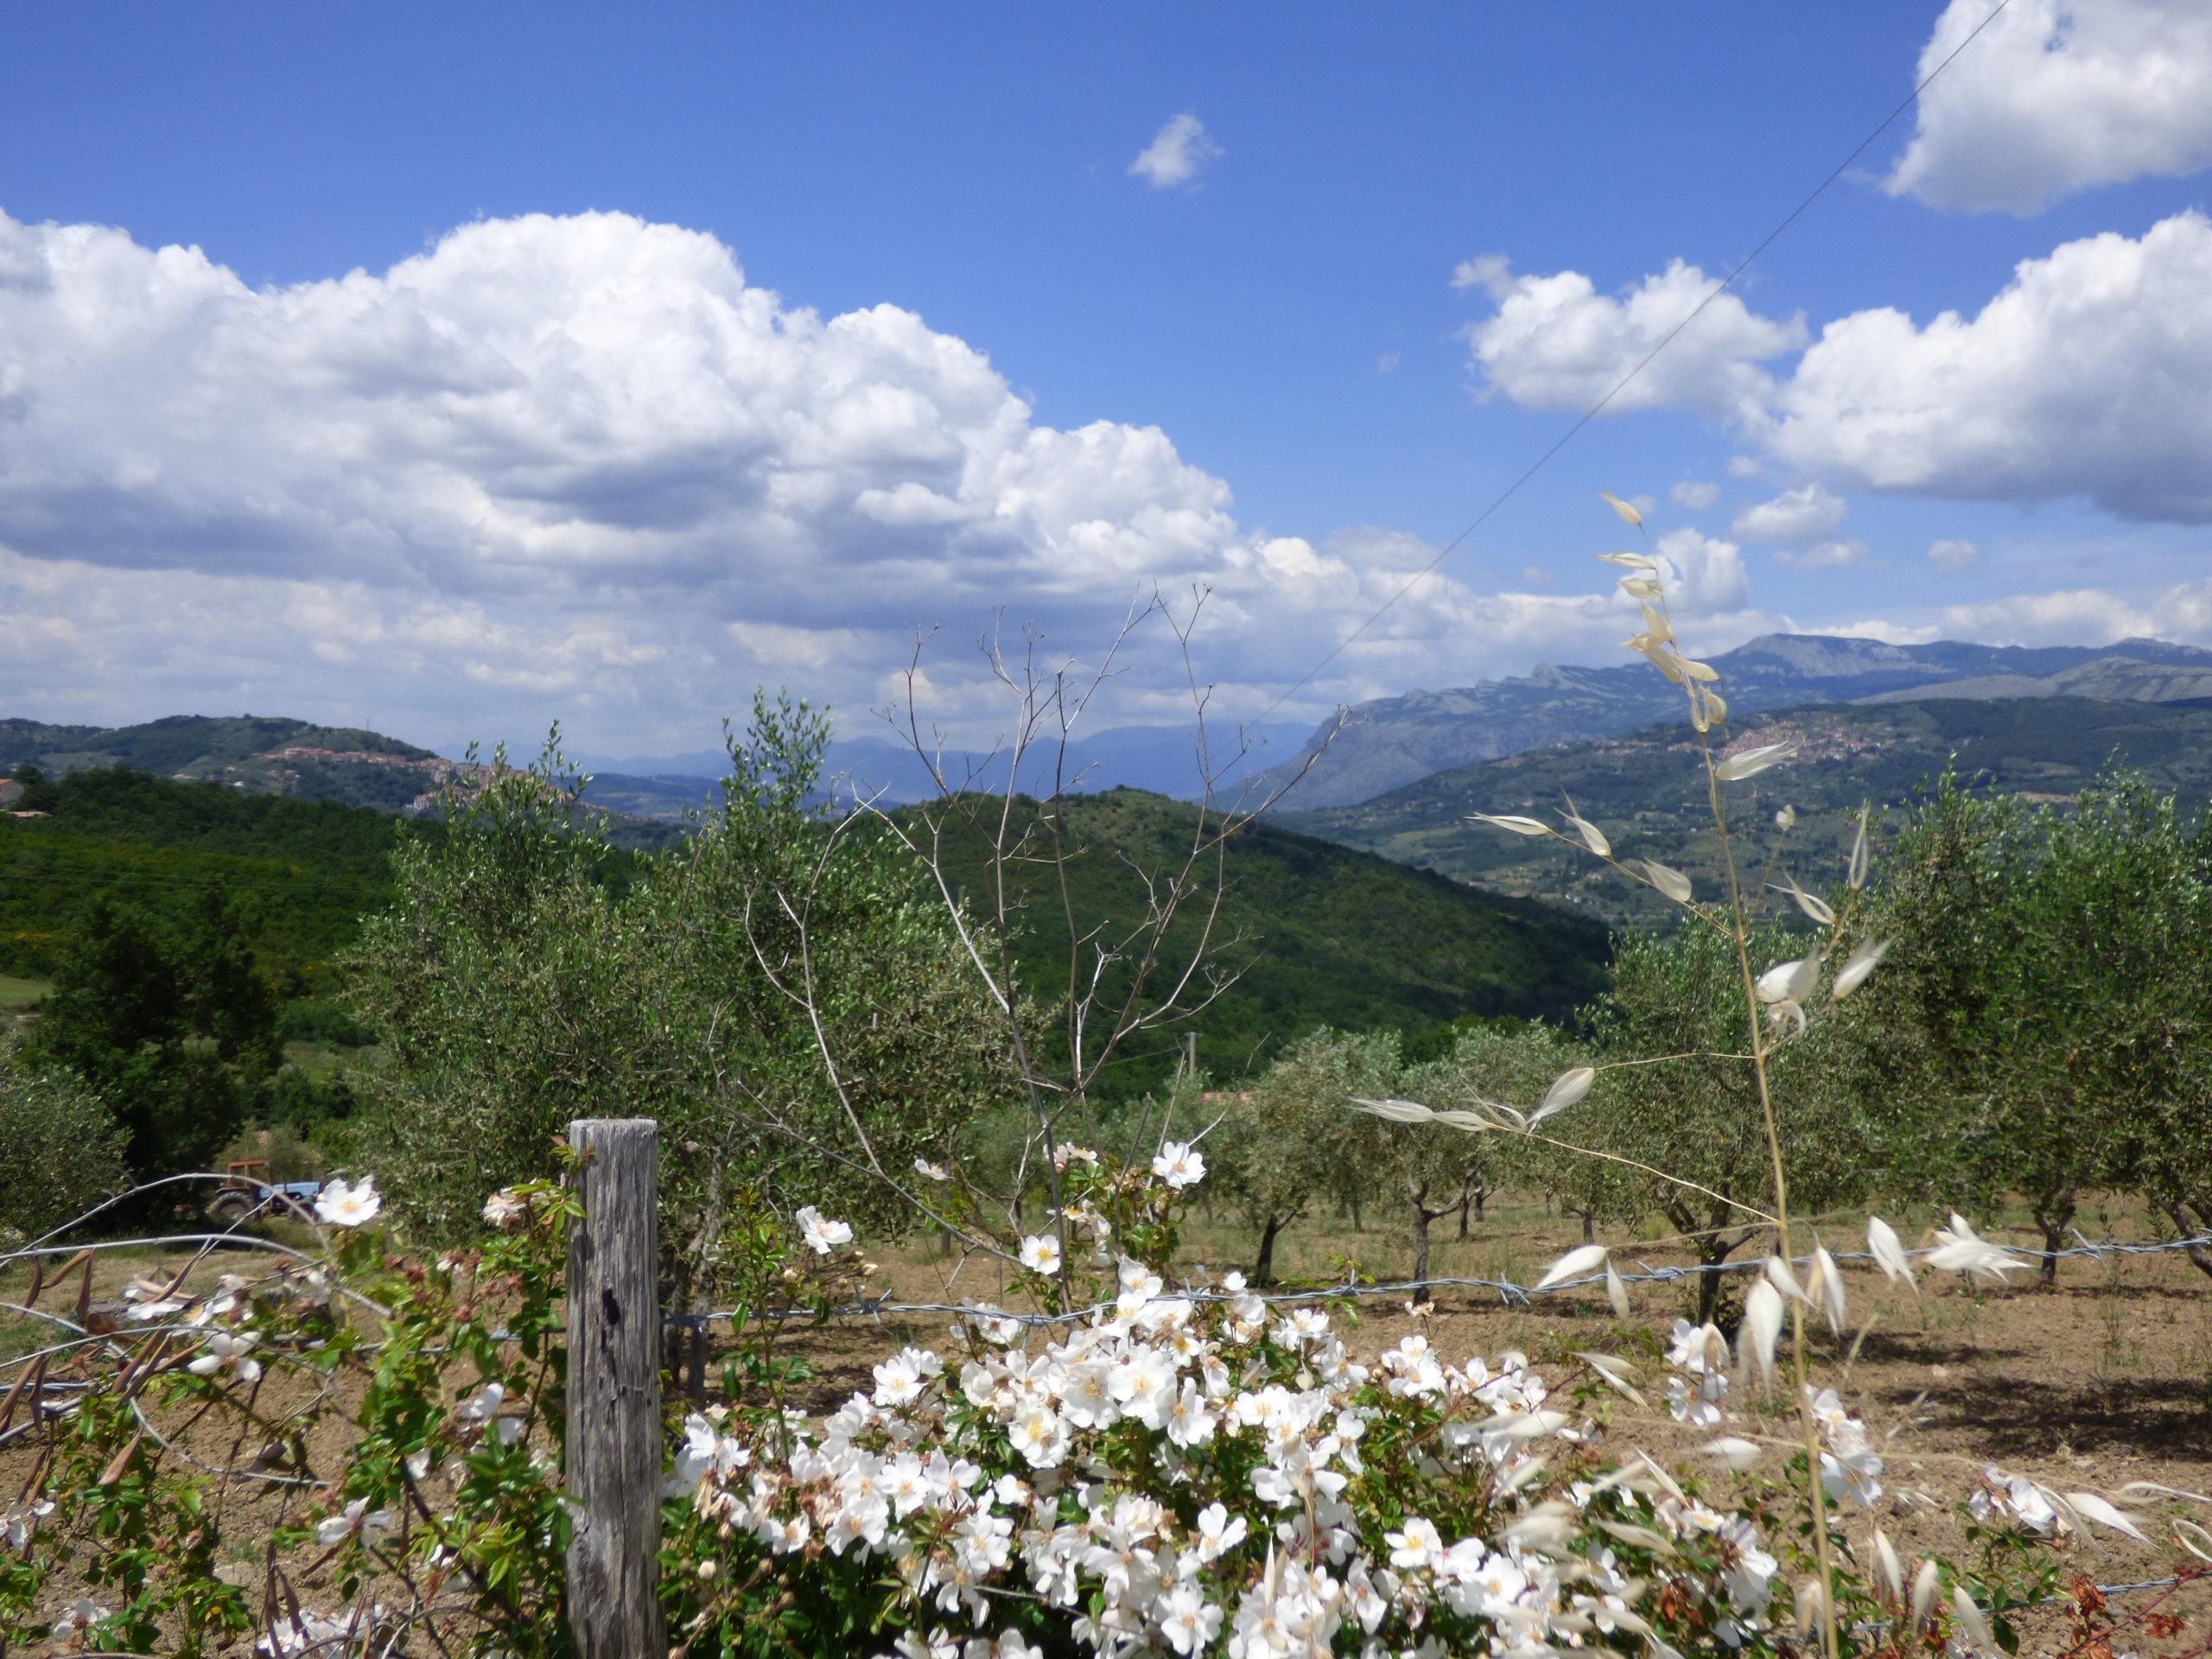 Cerco persone per creare una comunità intenzionale di prossimità in Campania